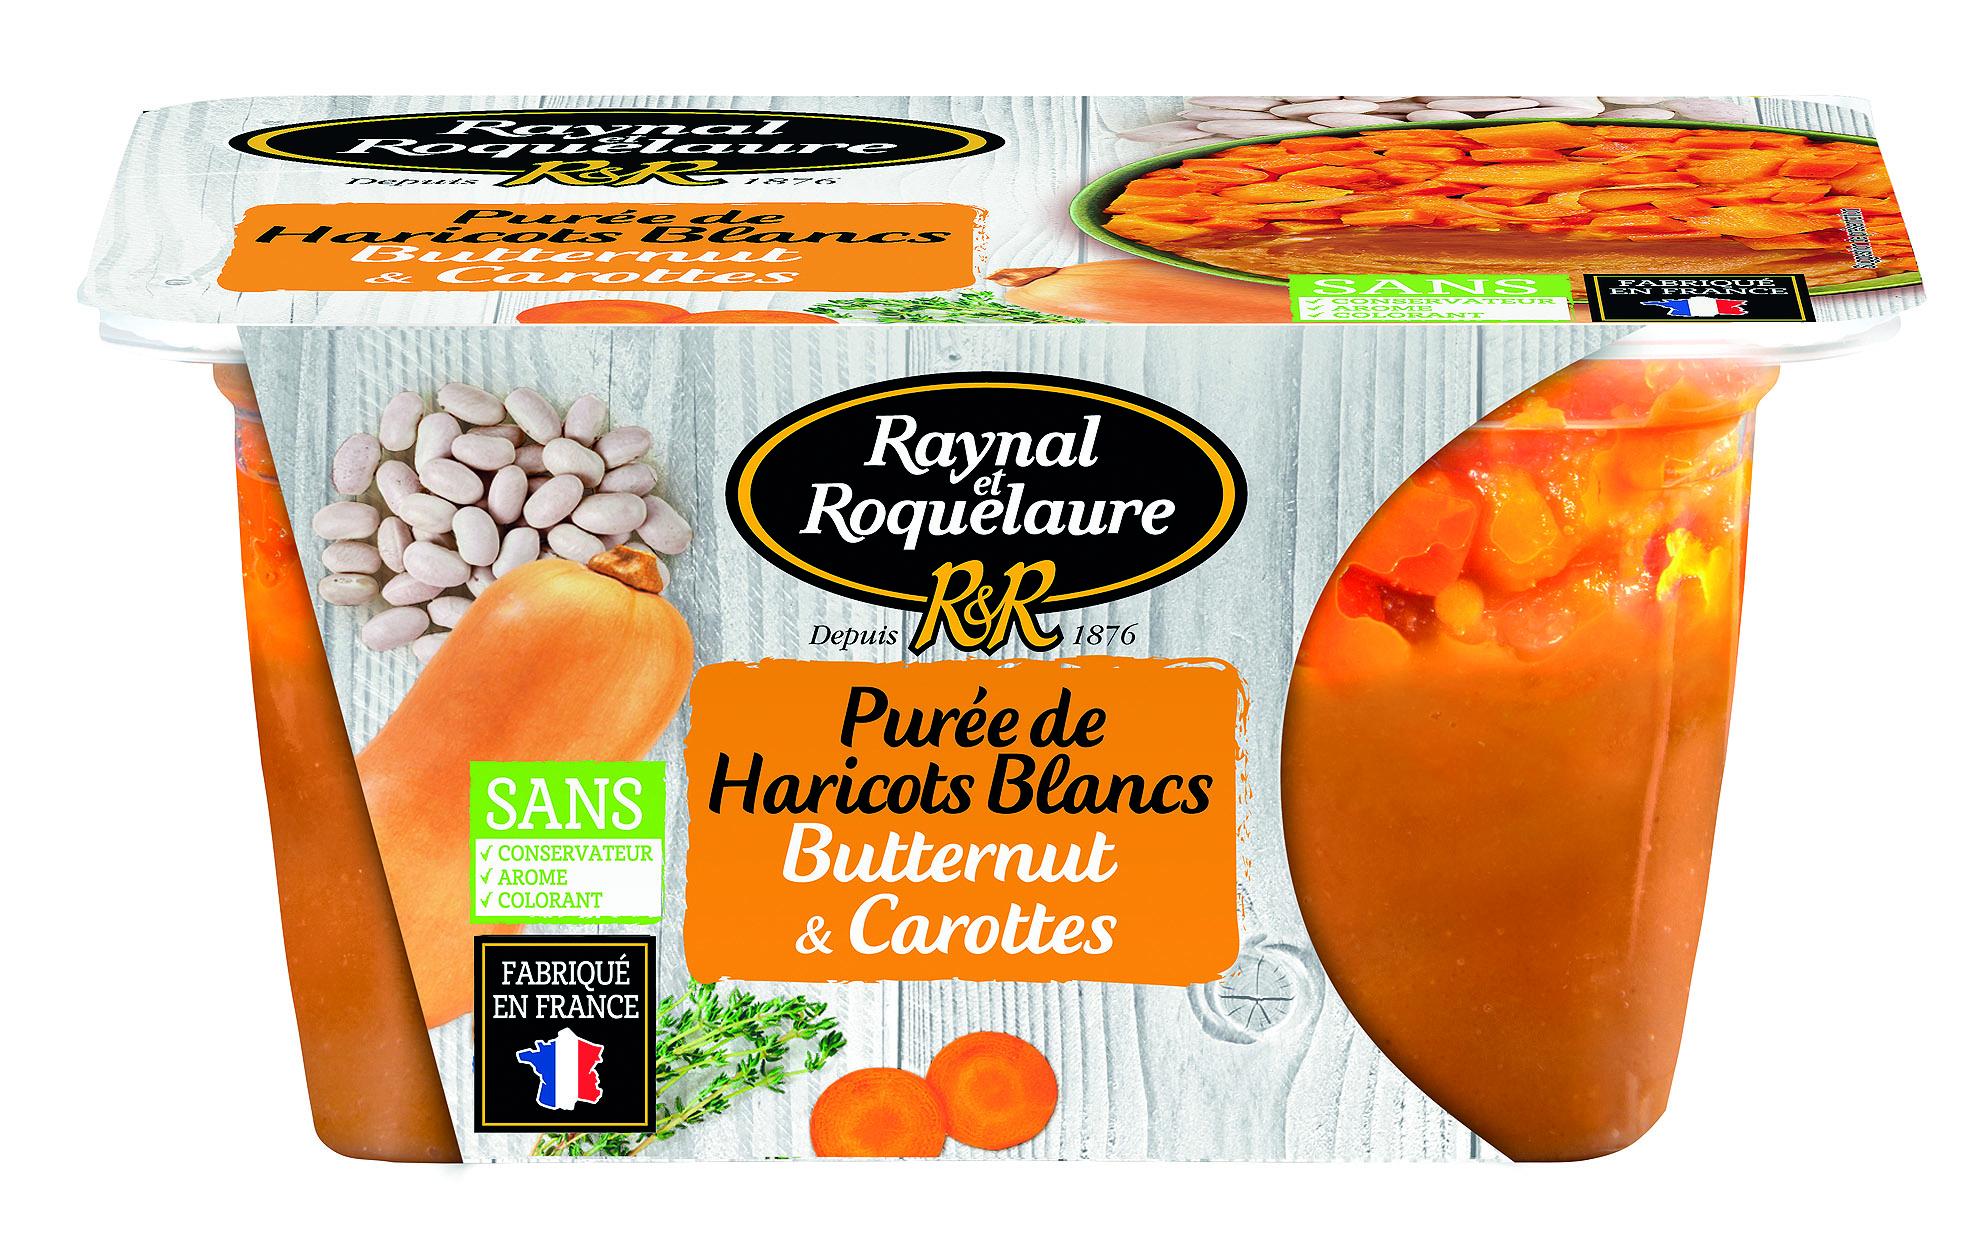 3021690028249 boite transp puree haricots 300 - Raynal et Roquelaure mise sur la transparence pour réinventer ses conserves